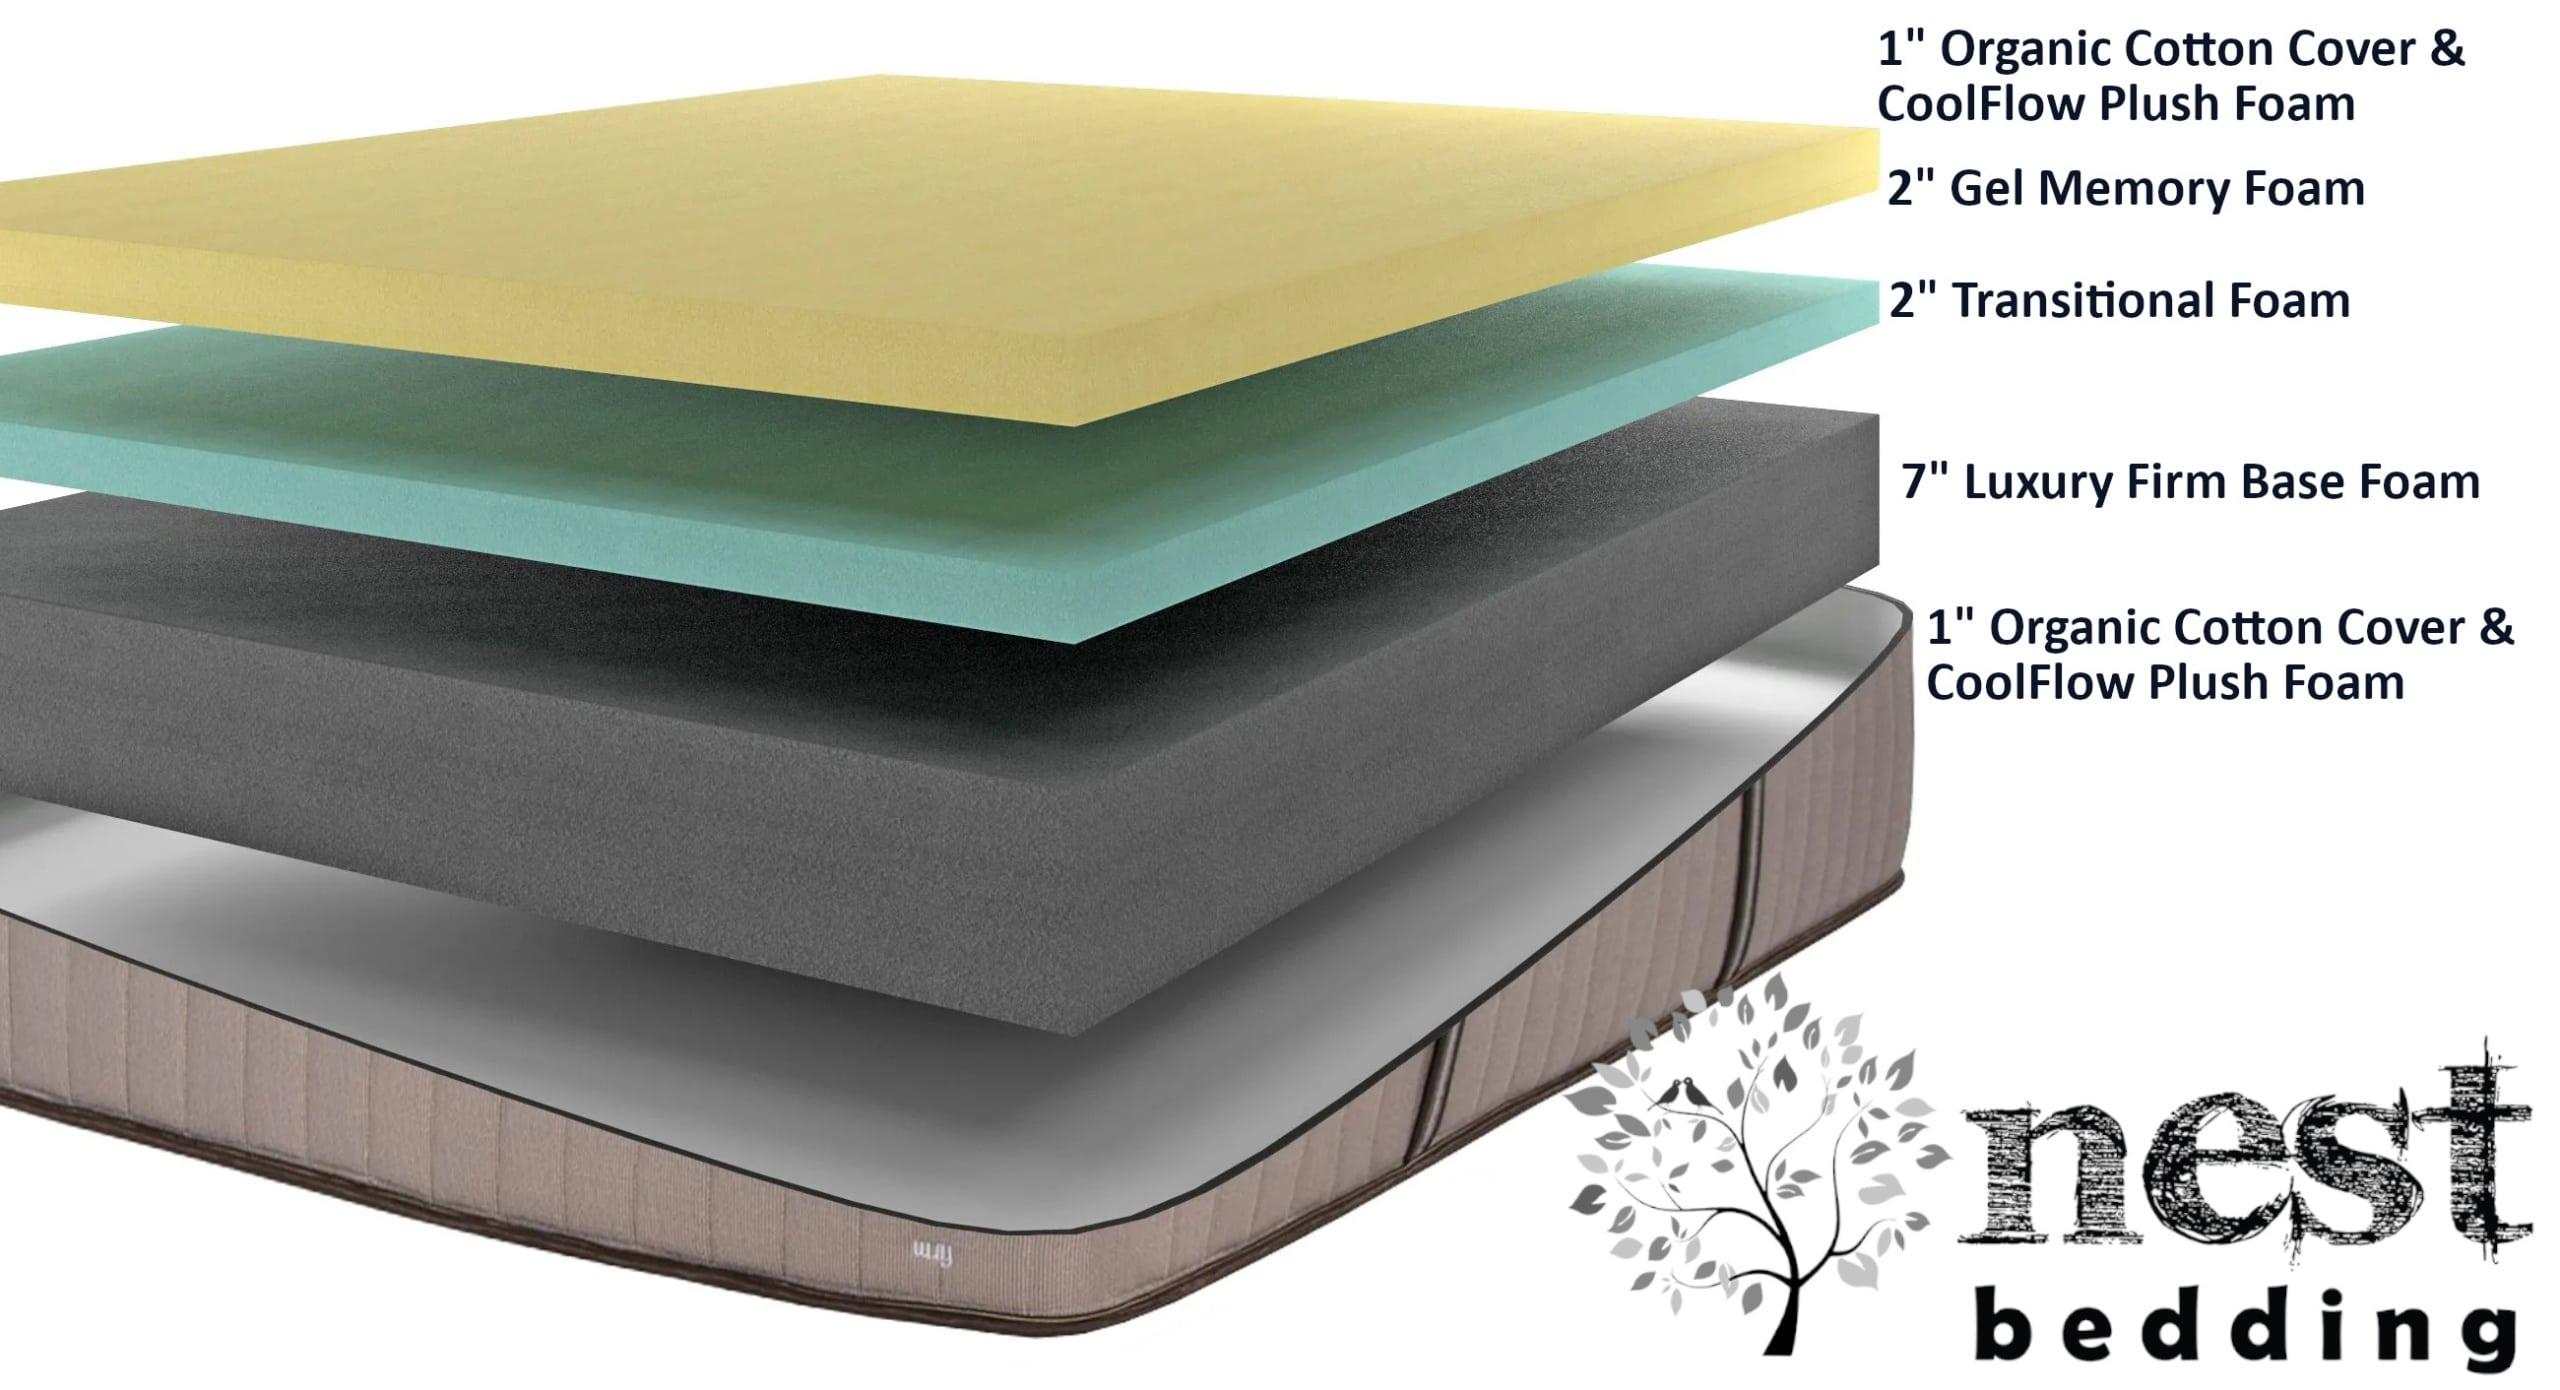 nest bedding all foam flippable materials